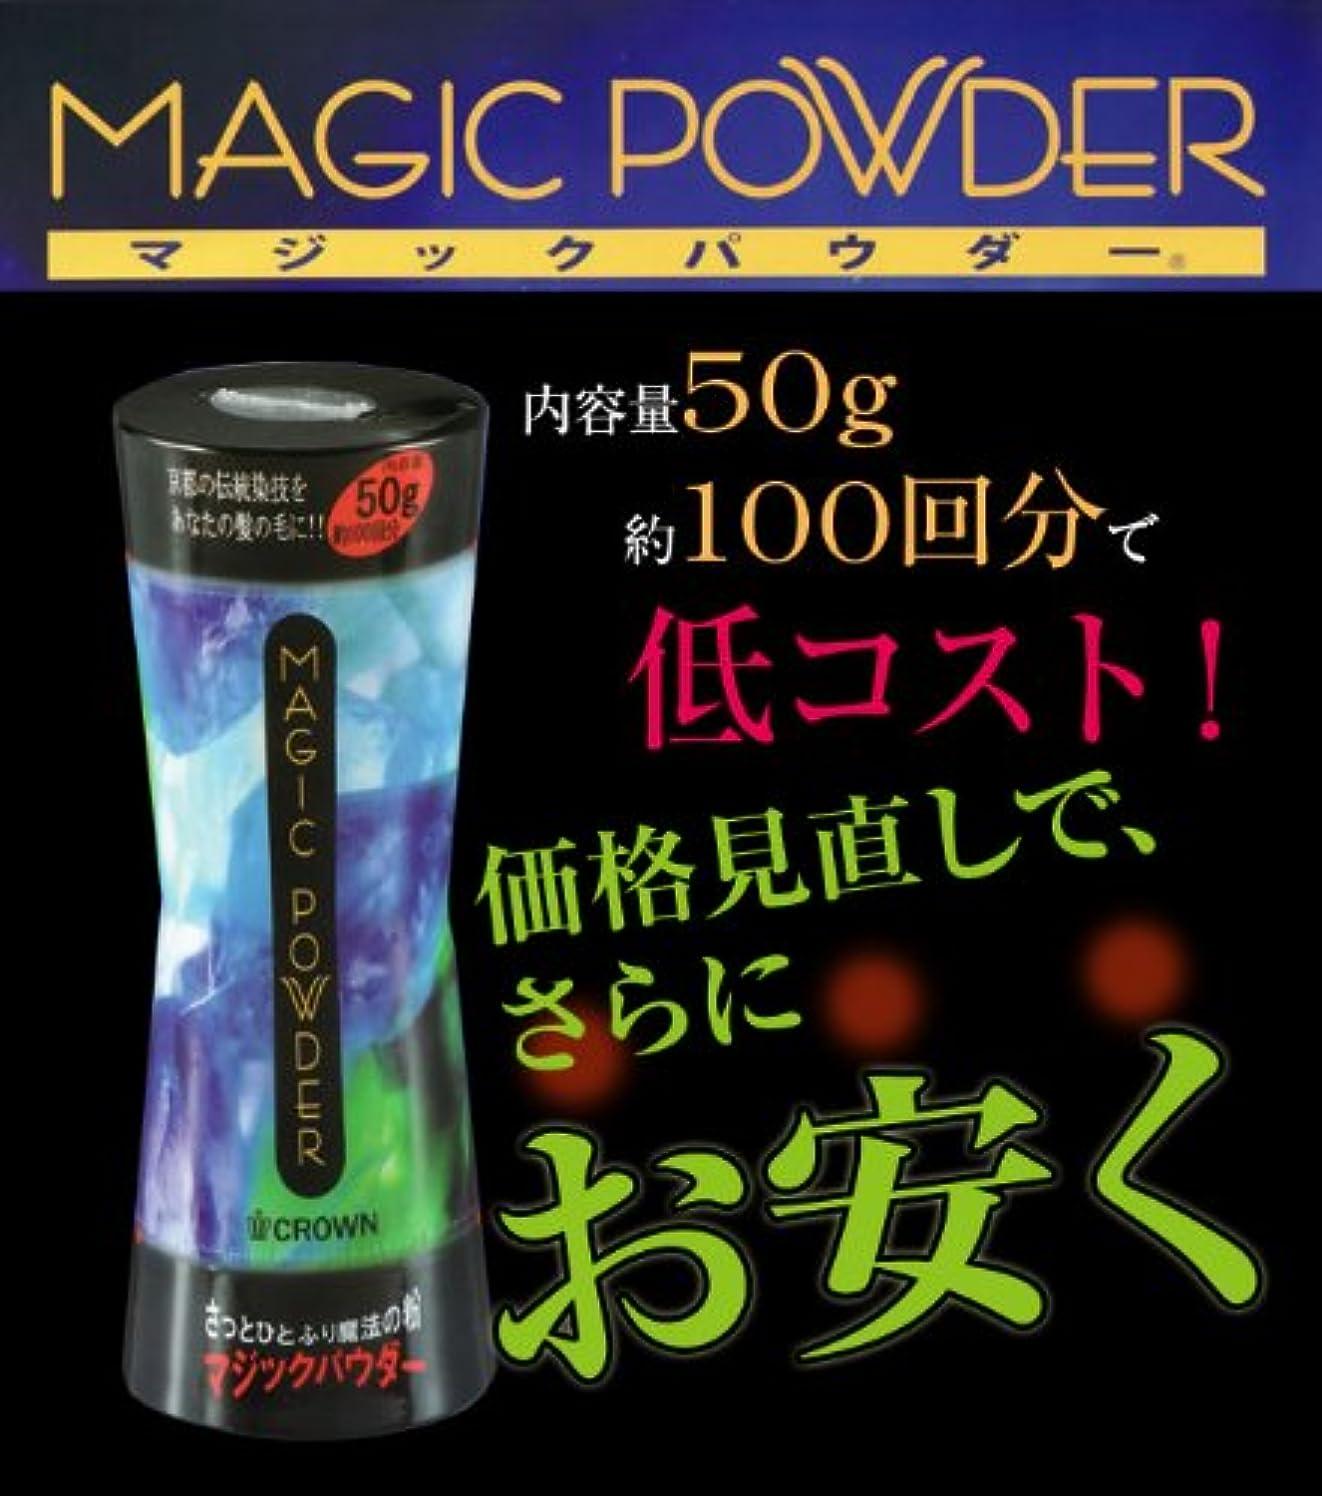 司書専門化する適合しましたマジックパウダー 50g 【ライトブラウン】【約100回分】【男女兼用】【MAGIC POWDER】薄毛隠し